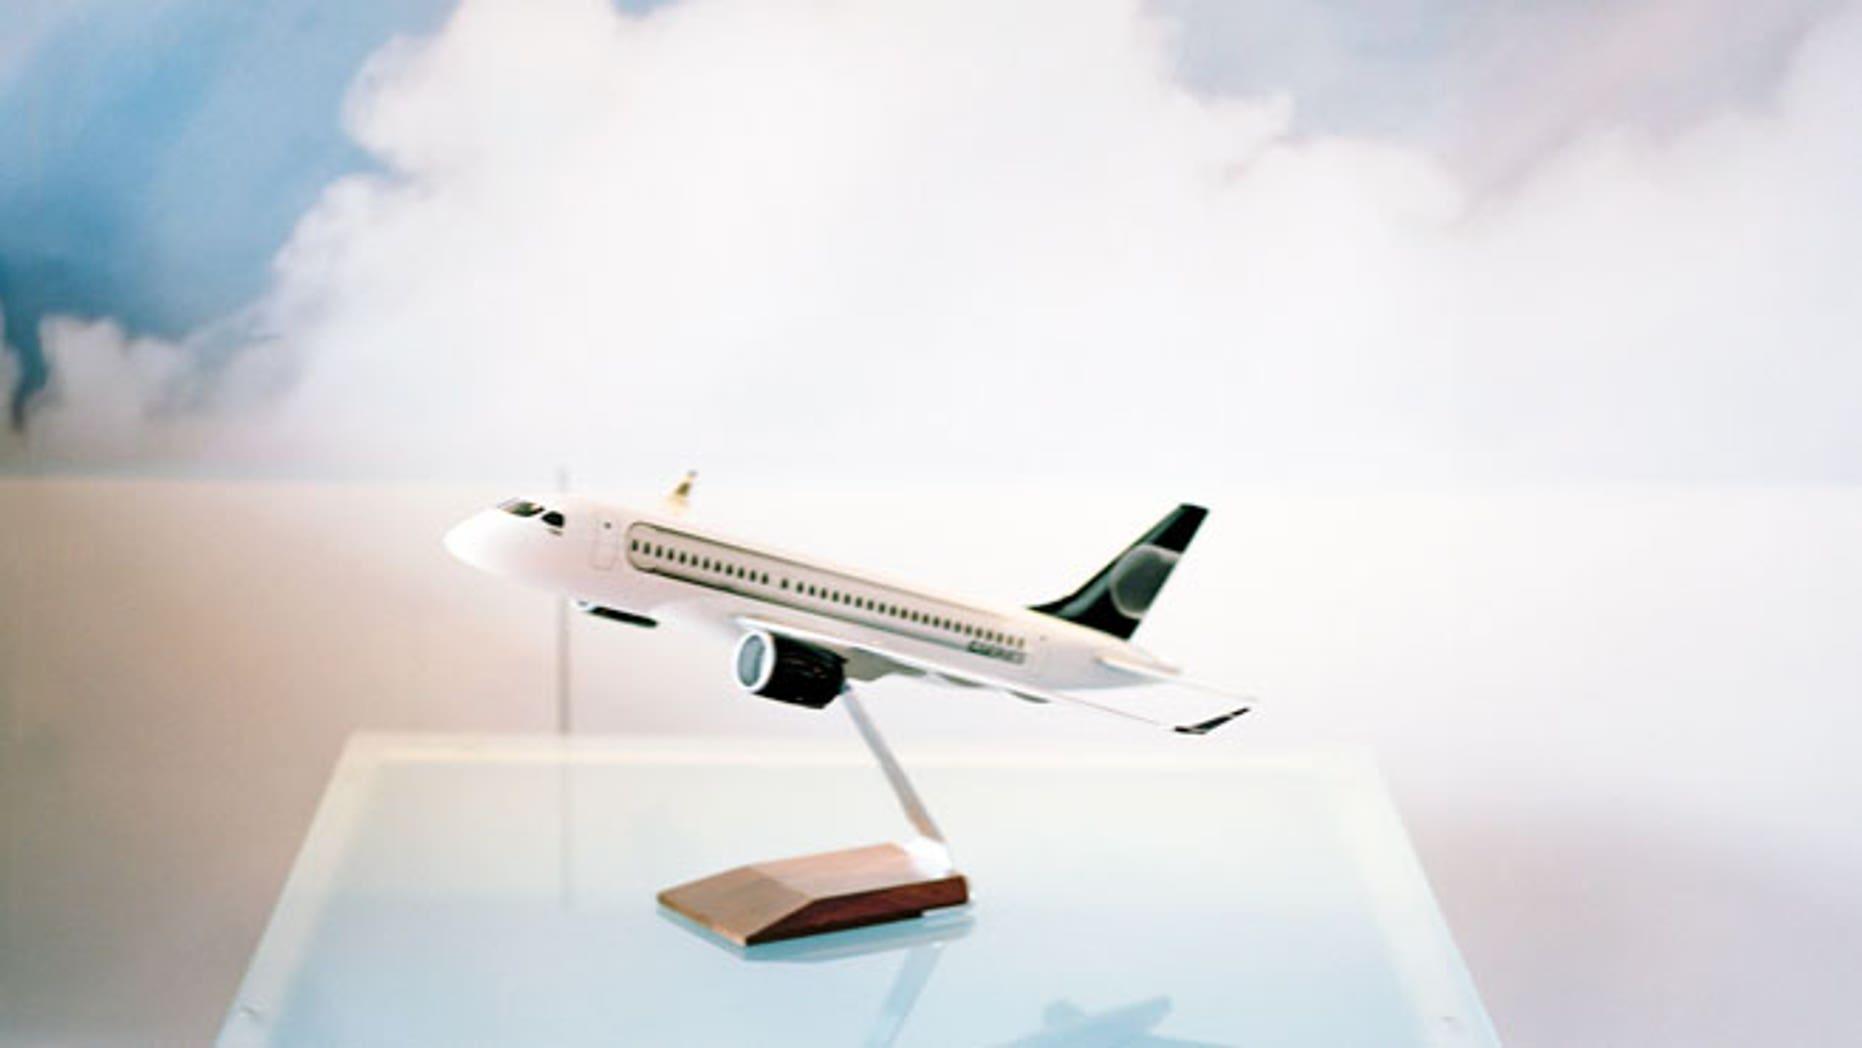 d176c50cd5c 11 Surprisingly Lovable Airlines